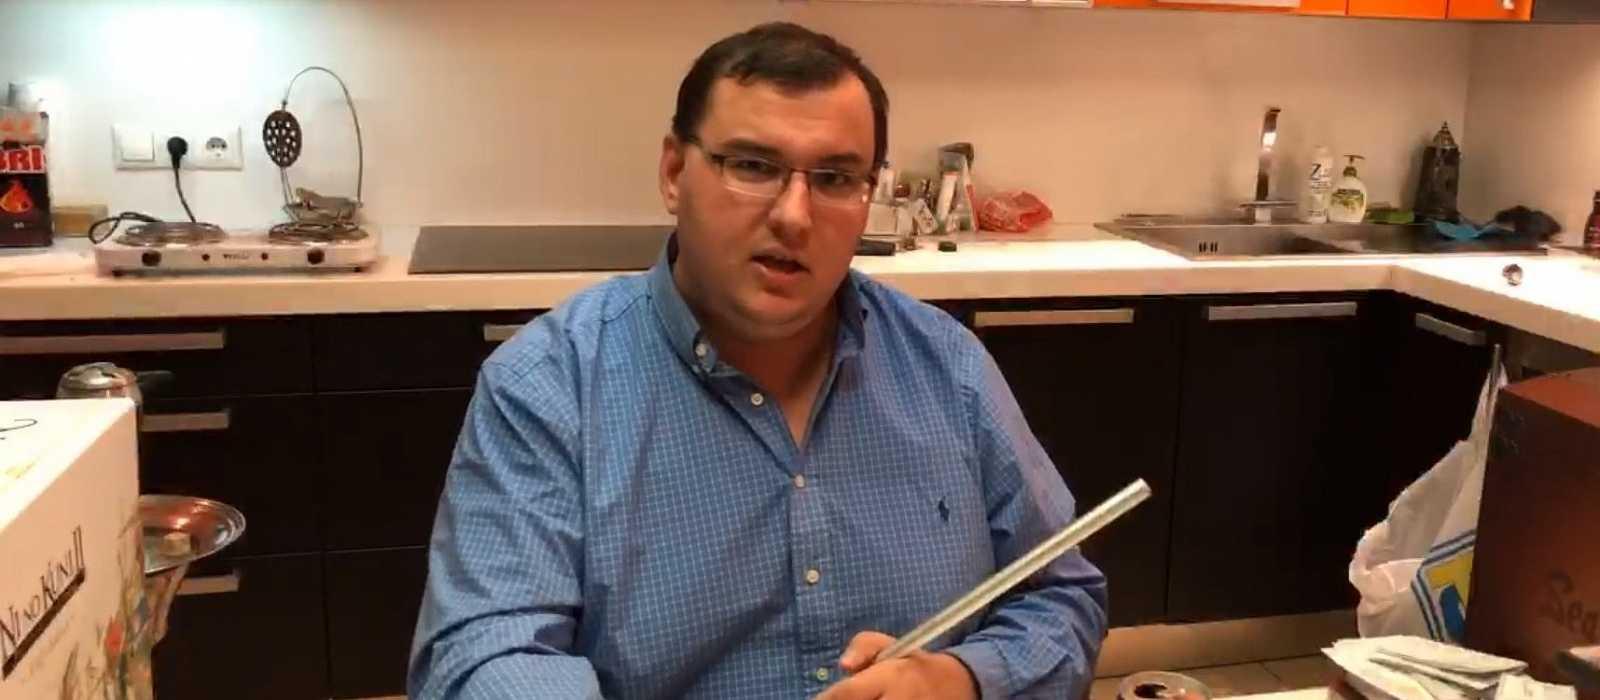 """""""Wie bei Gelee, und die Verzögerung ist spürbar."""" Anton Logvinov kritisierte die Abwärtskompatibilität von PS5"""